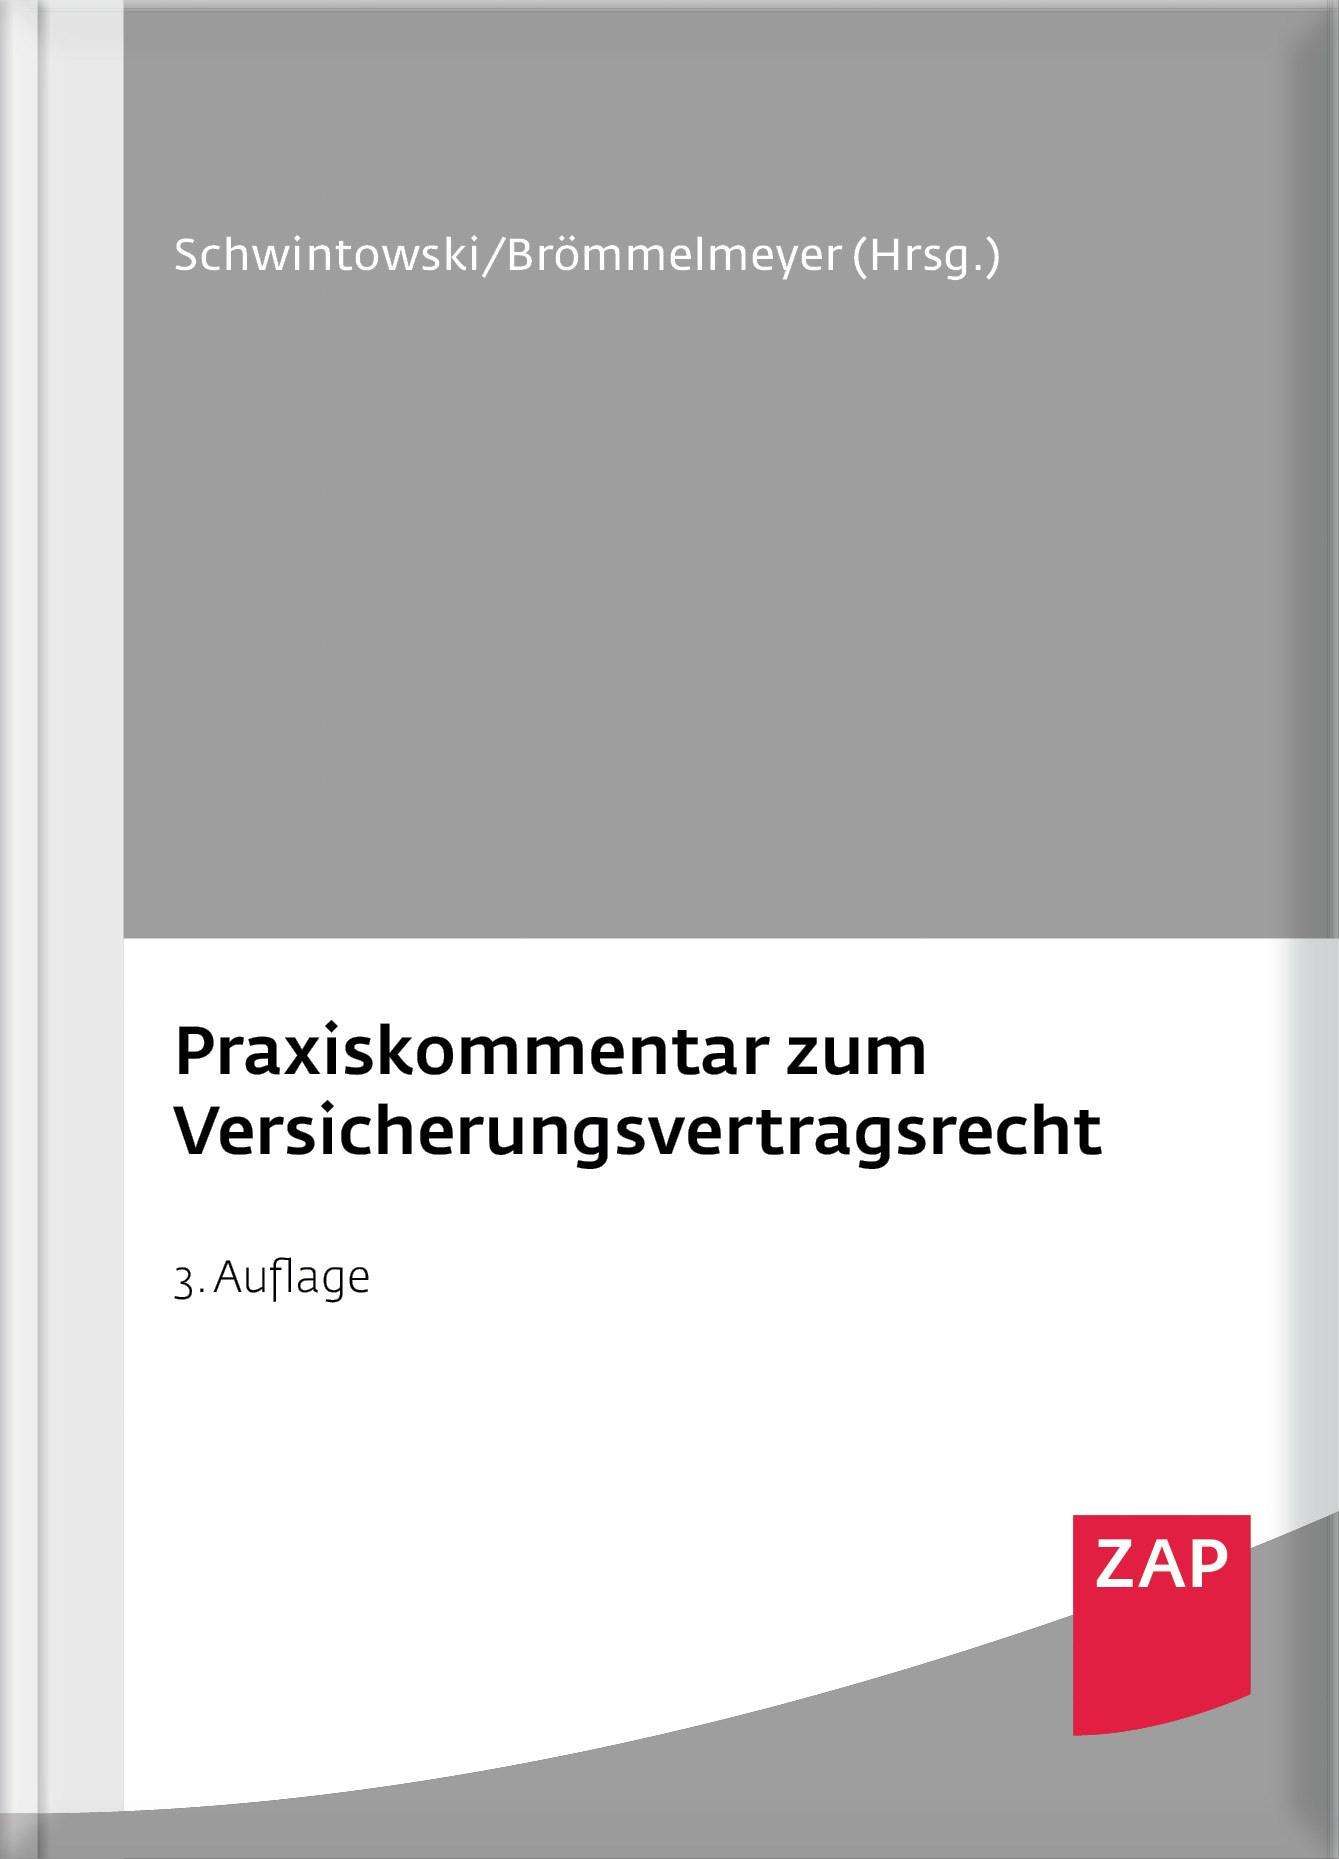 Abbildung von Schwintowski / Brömmelmeyer (Hrsg.) | Praxiskommentar zum Versicherungsvertragsrecht | 3. Auflage | 2017